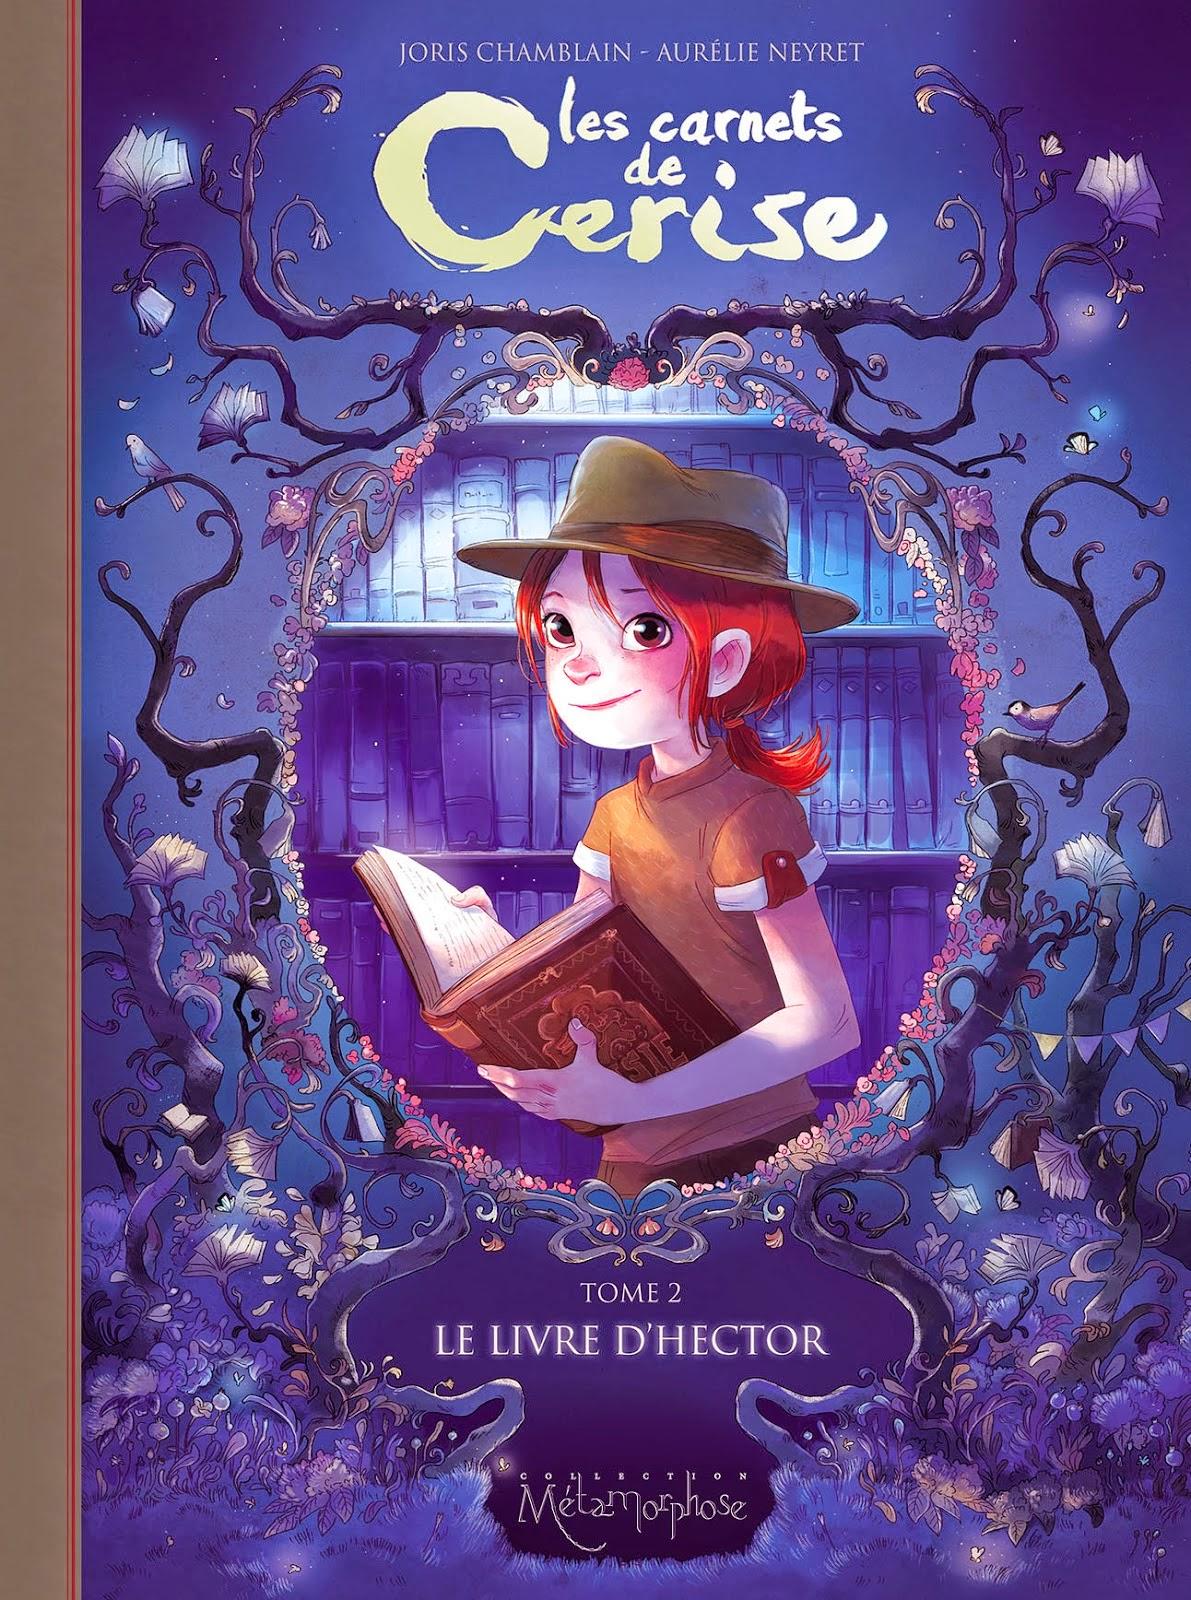 Les carnets de Cerise - Over-books